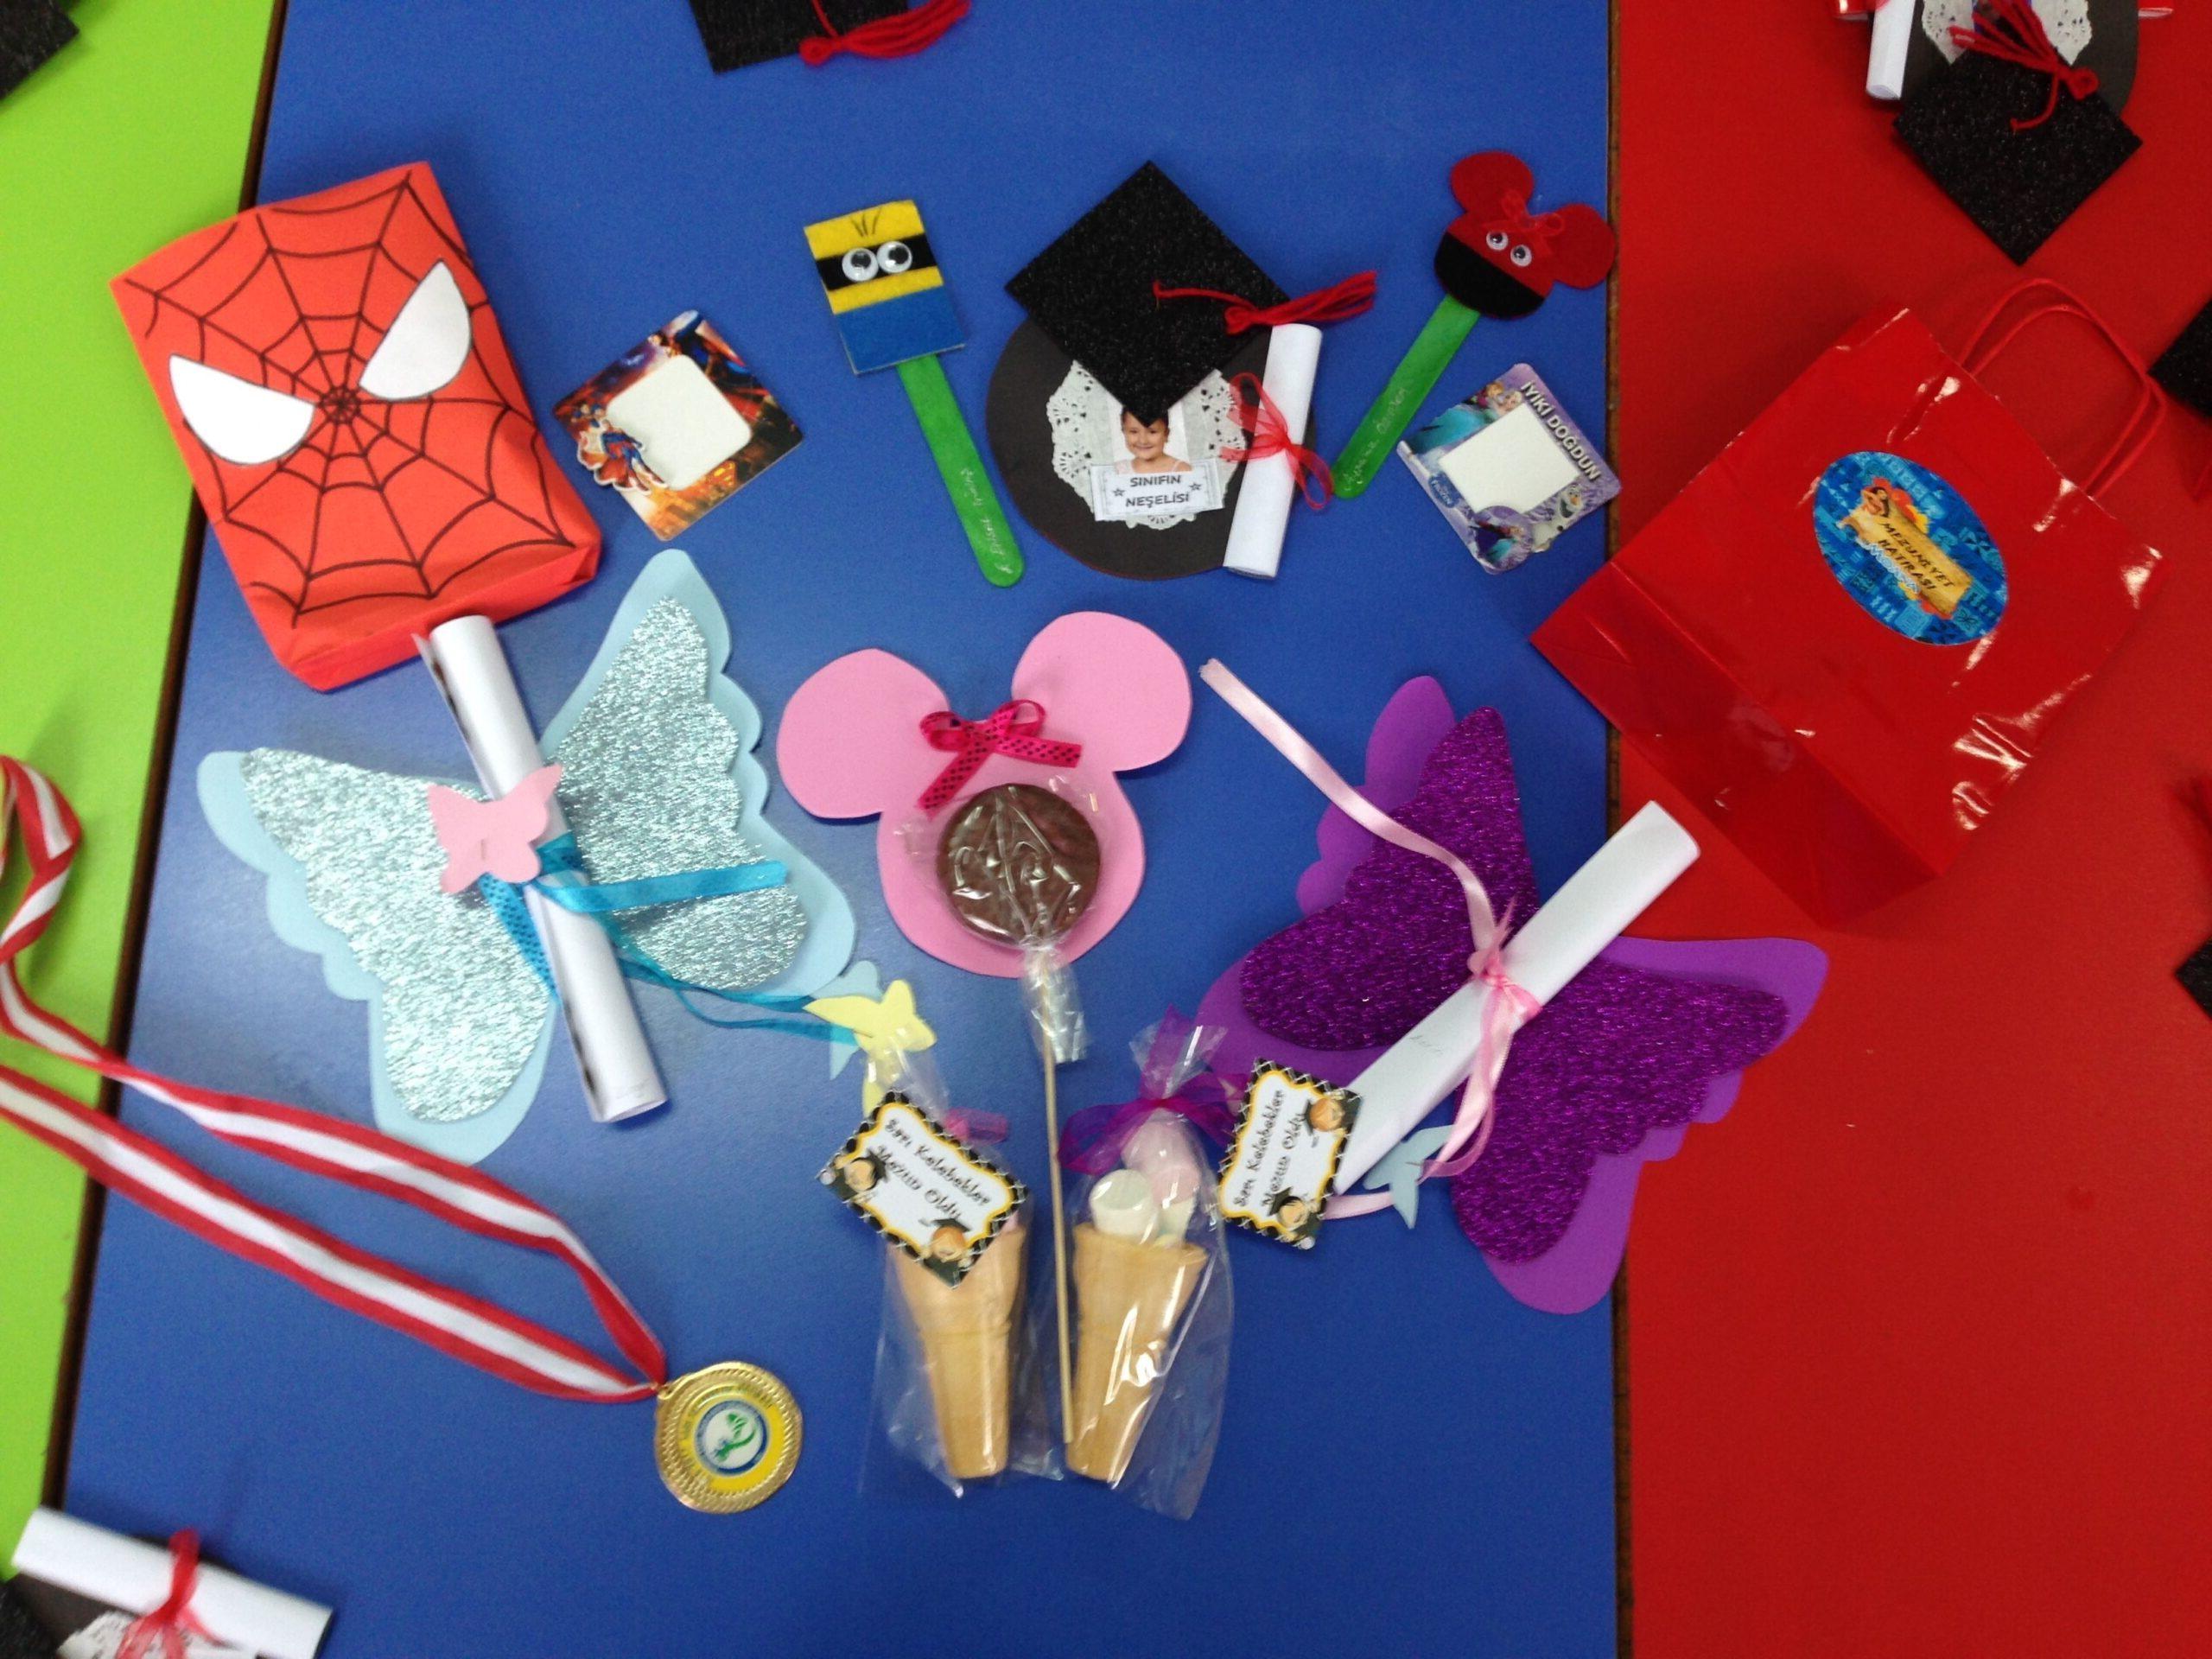 Okul öncesi çocuk için hediye fikirleri